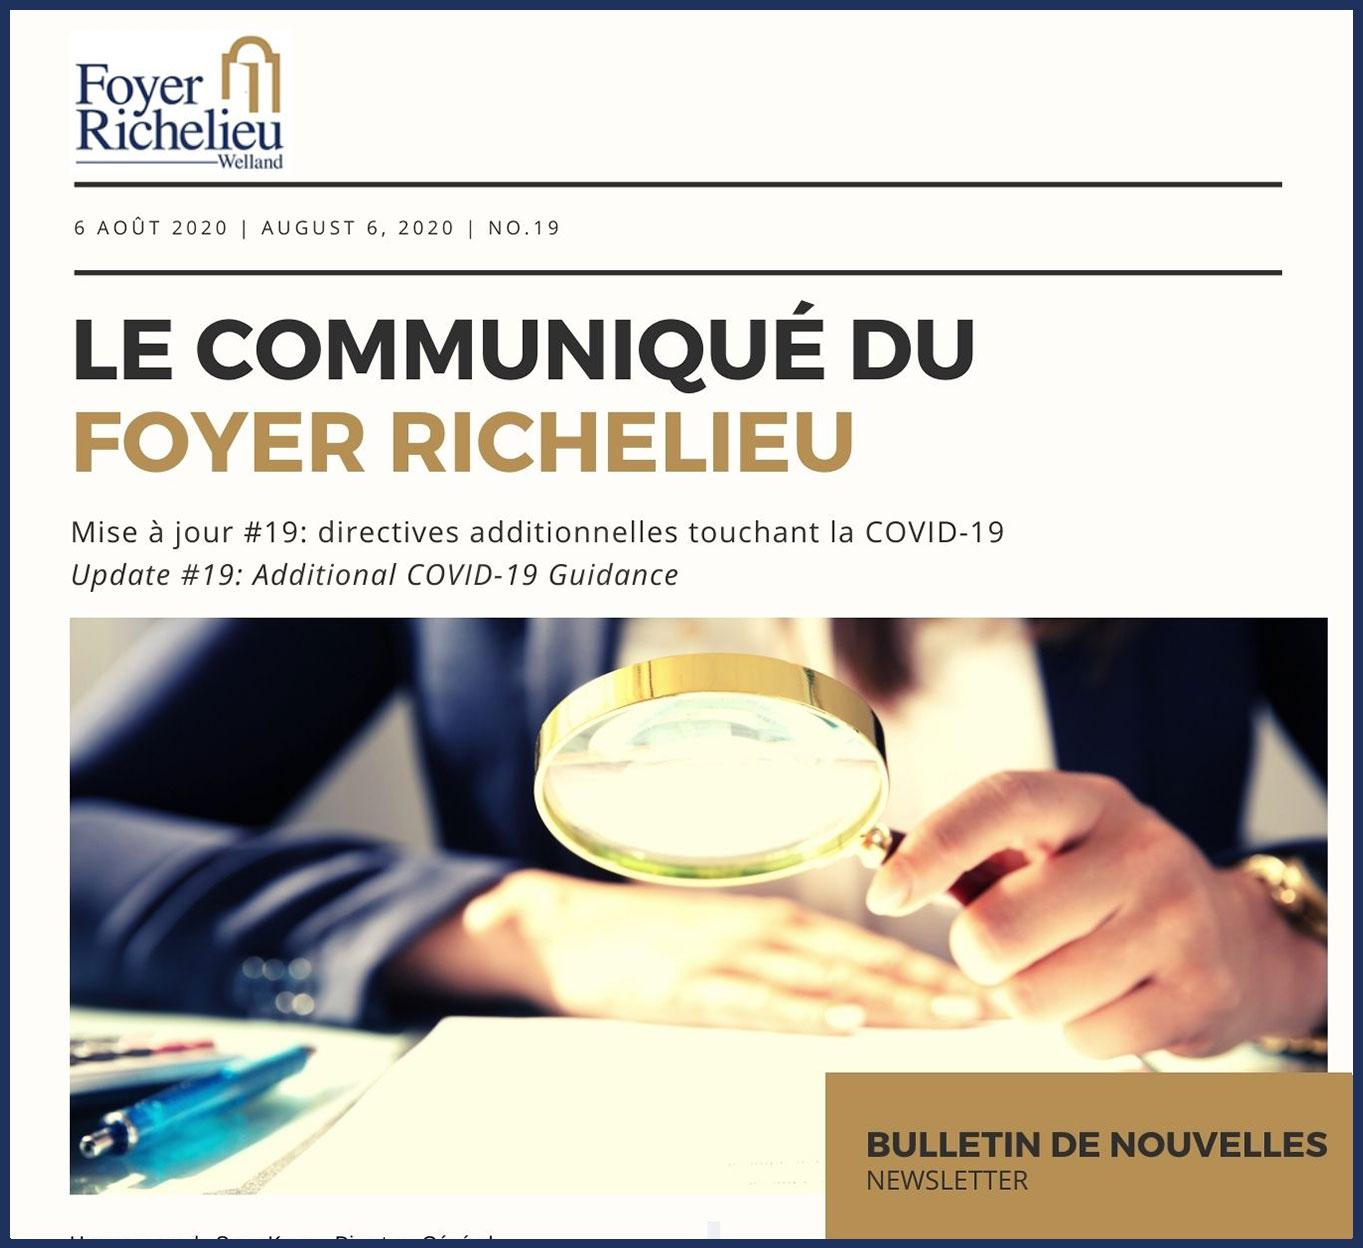 2020/08/06 – Le Communiqué du Foyer Richelieu